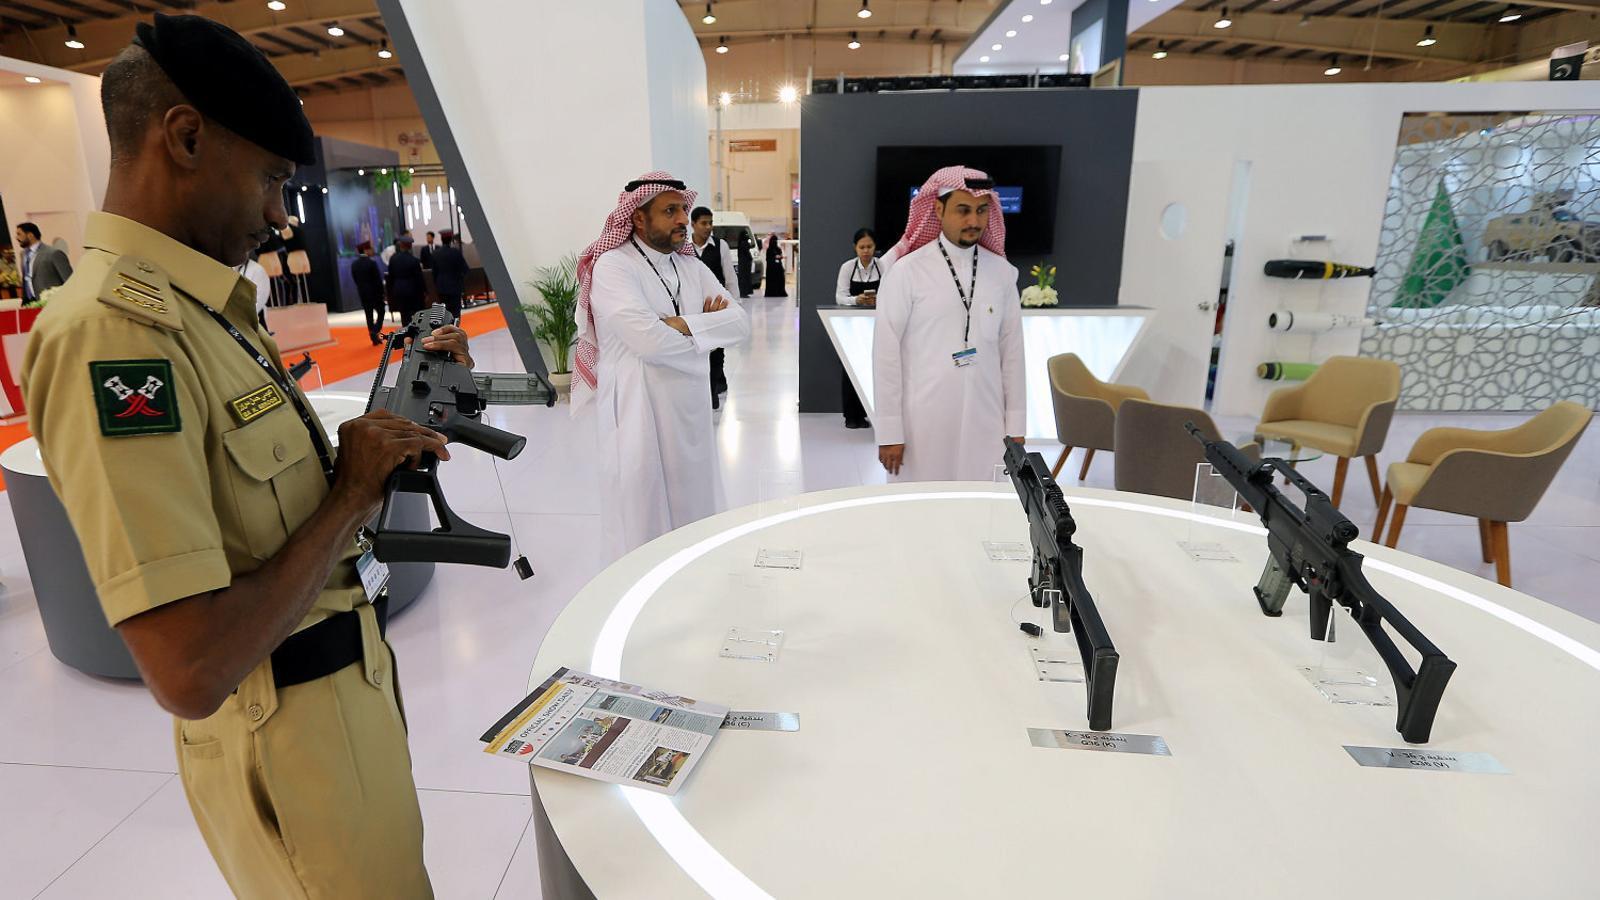 L'exportació d'armes a l'Aràbia Saudita, un negoci sota sospita